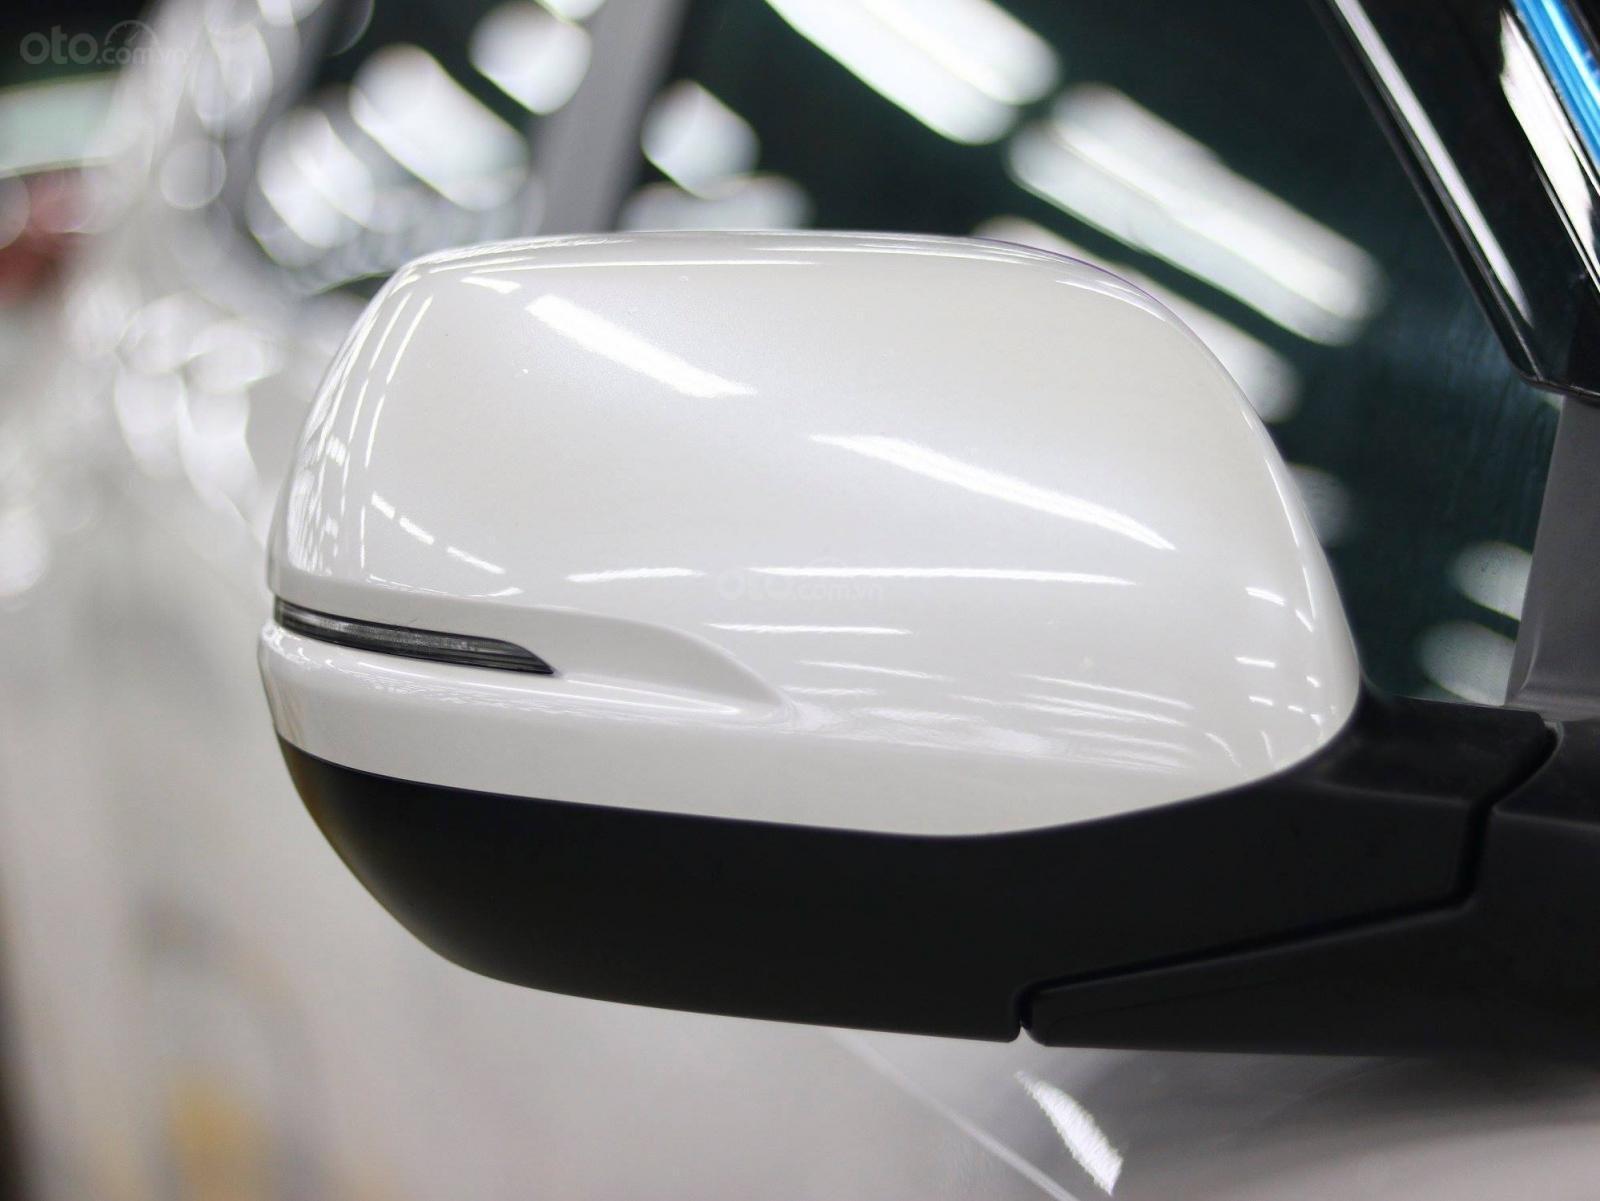 [SG -Giá tháng 10] Honda CRV 2019 - Tặng phụ kiện, tiền mặt, bảo hiểm, phụ kiện hấp dẫn - LH: 0901.898.383 (9)